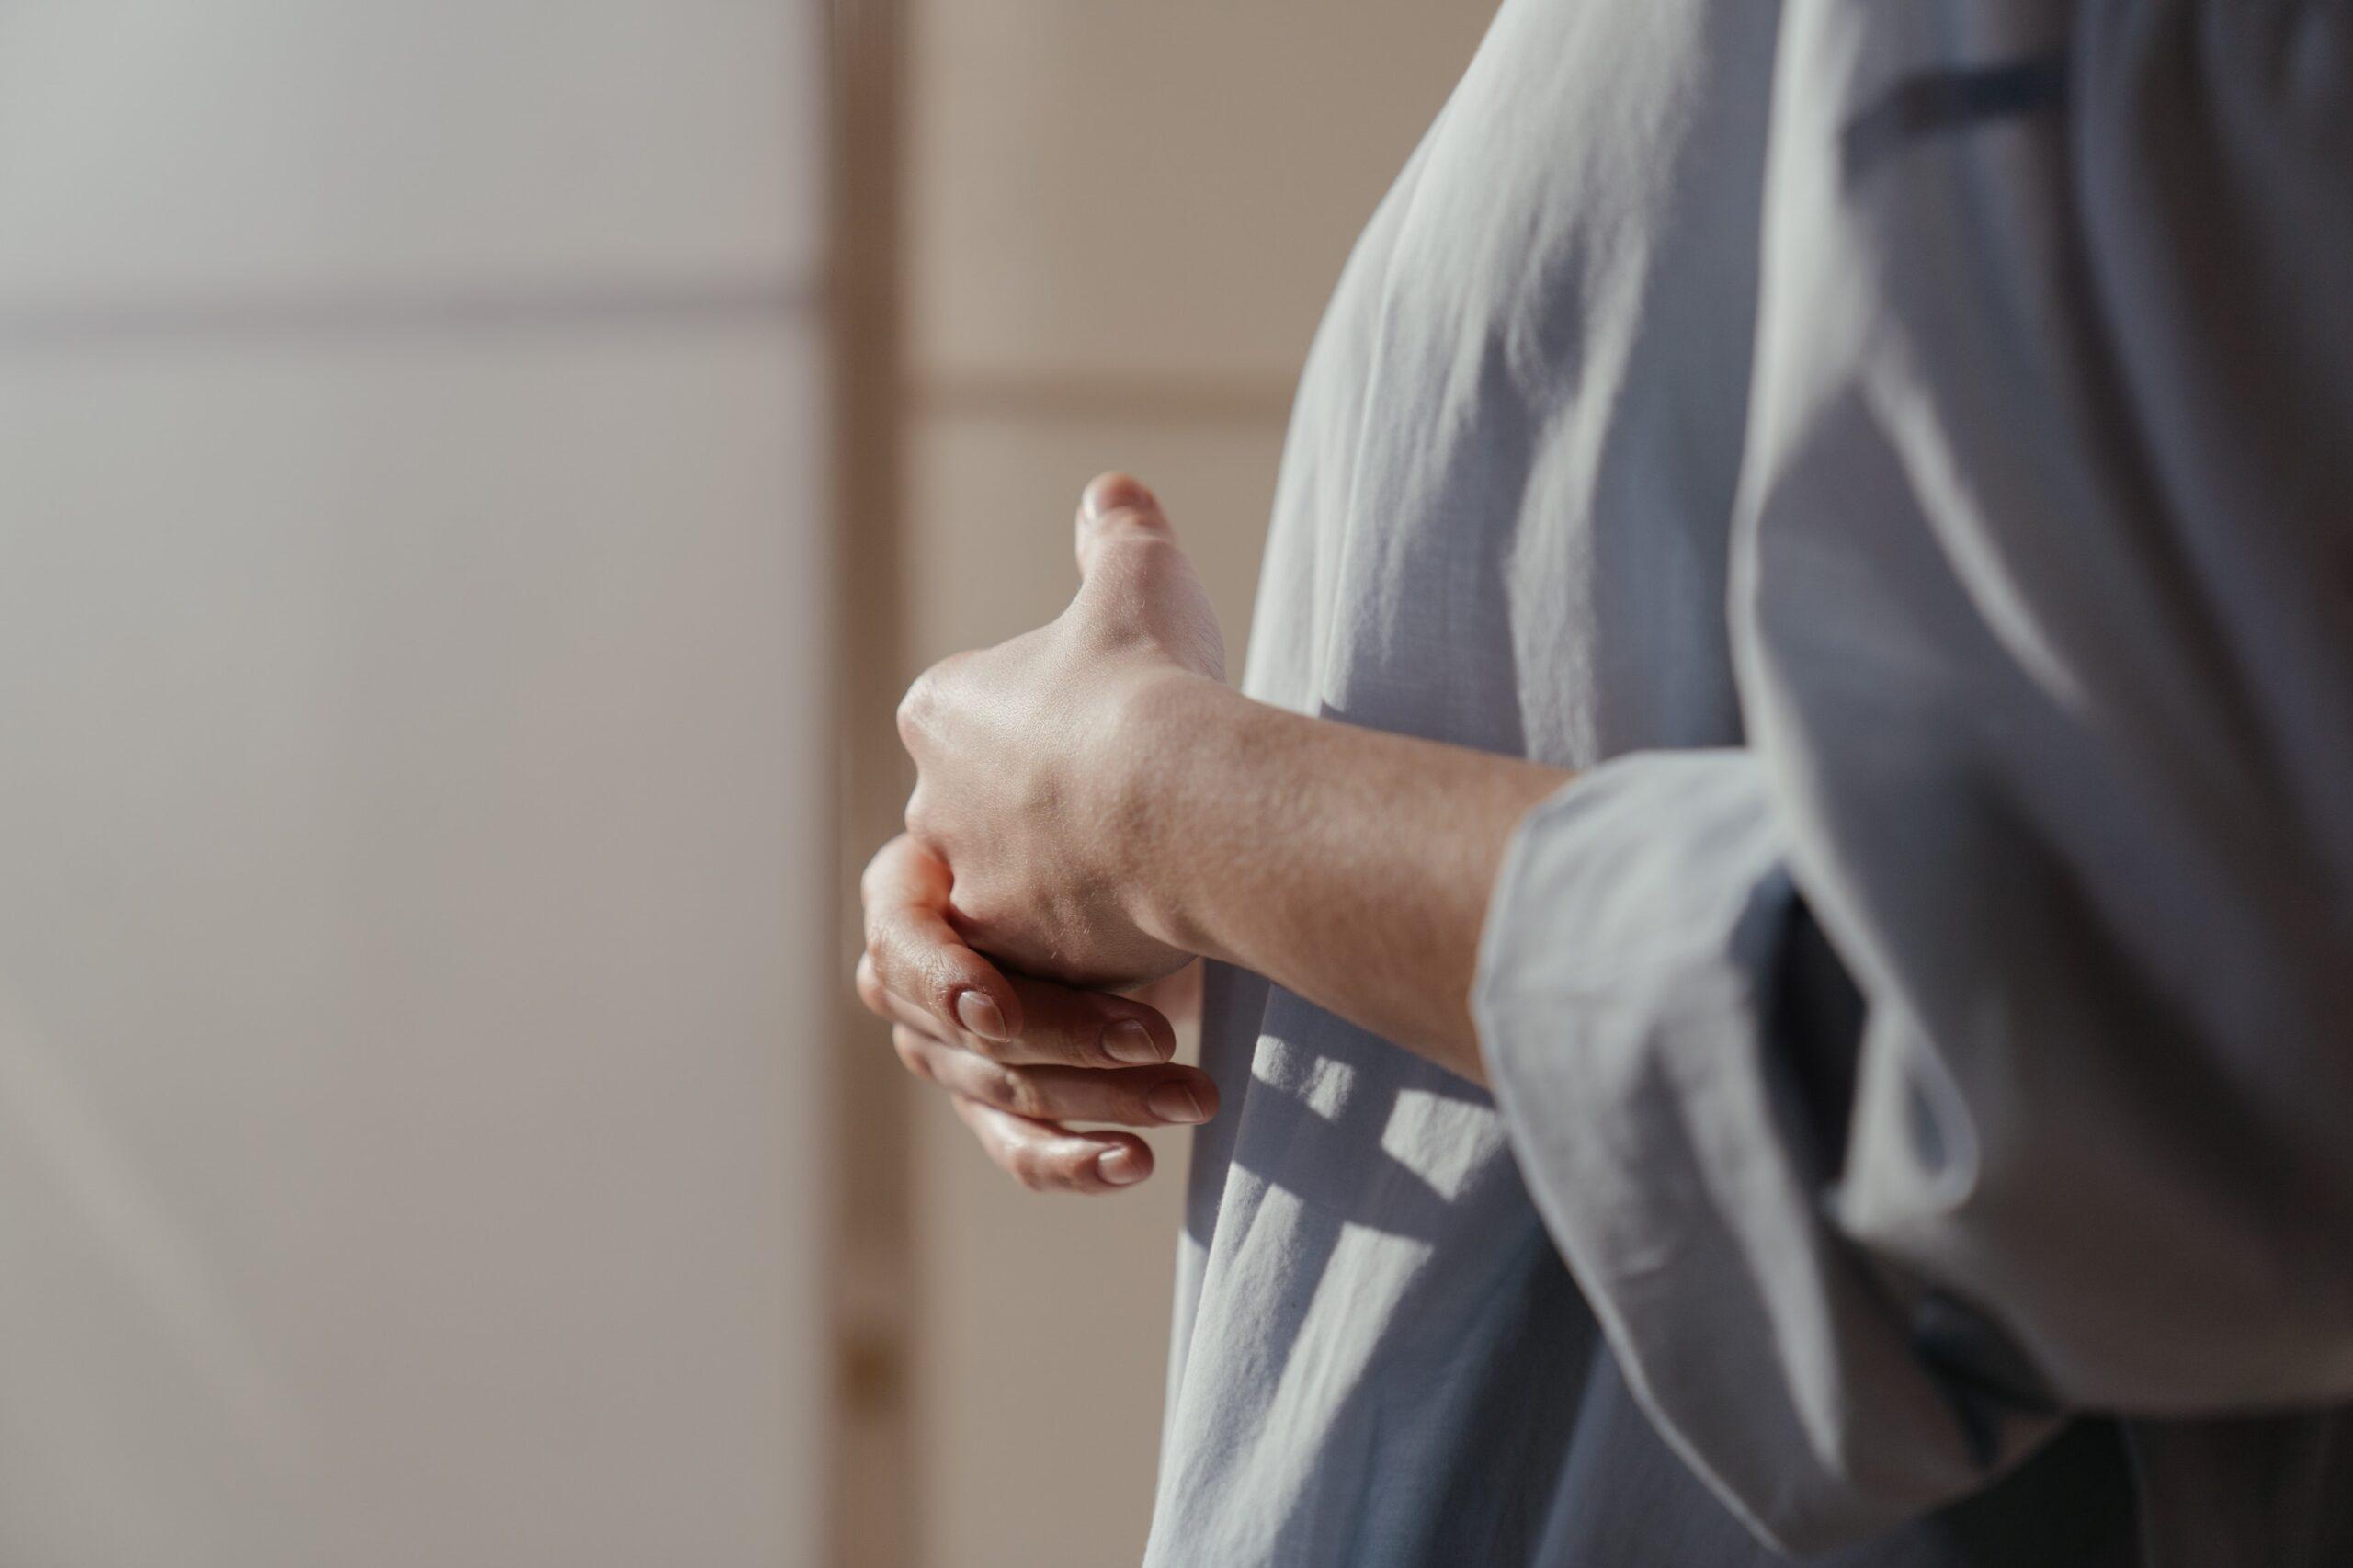 Paura di sbagliare: le radici   Psicologo Sessuologo Rimini Riccione Cattolica Forli Cesena Cesenatico Dott.ssa Roberta Calvi